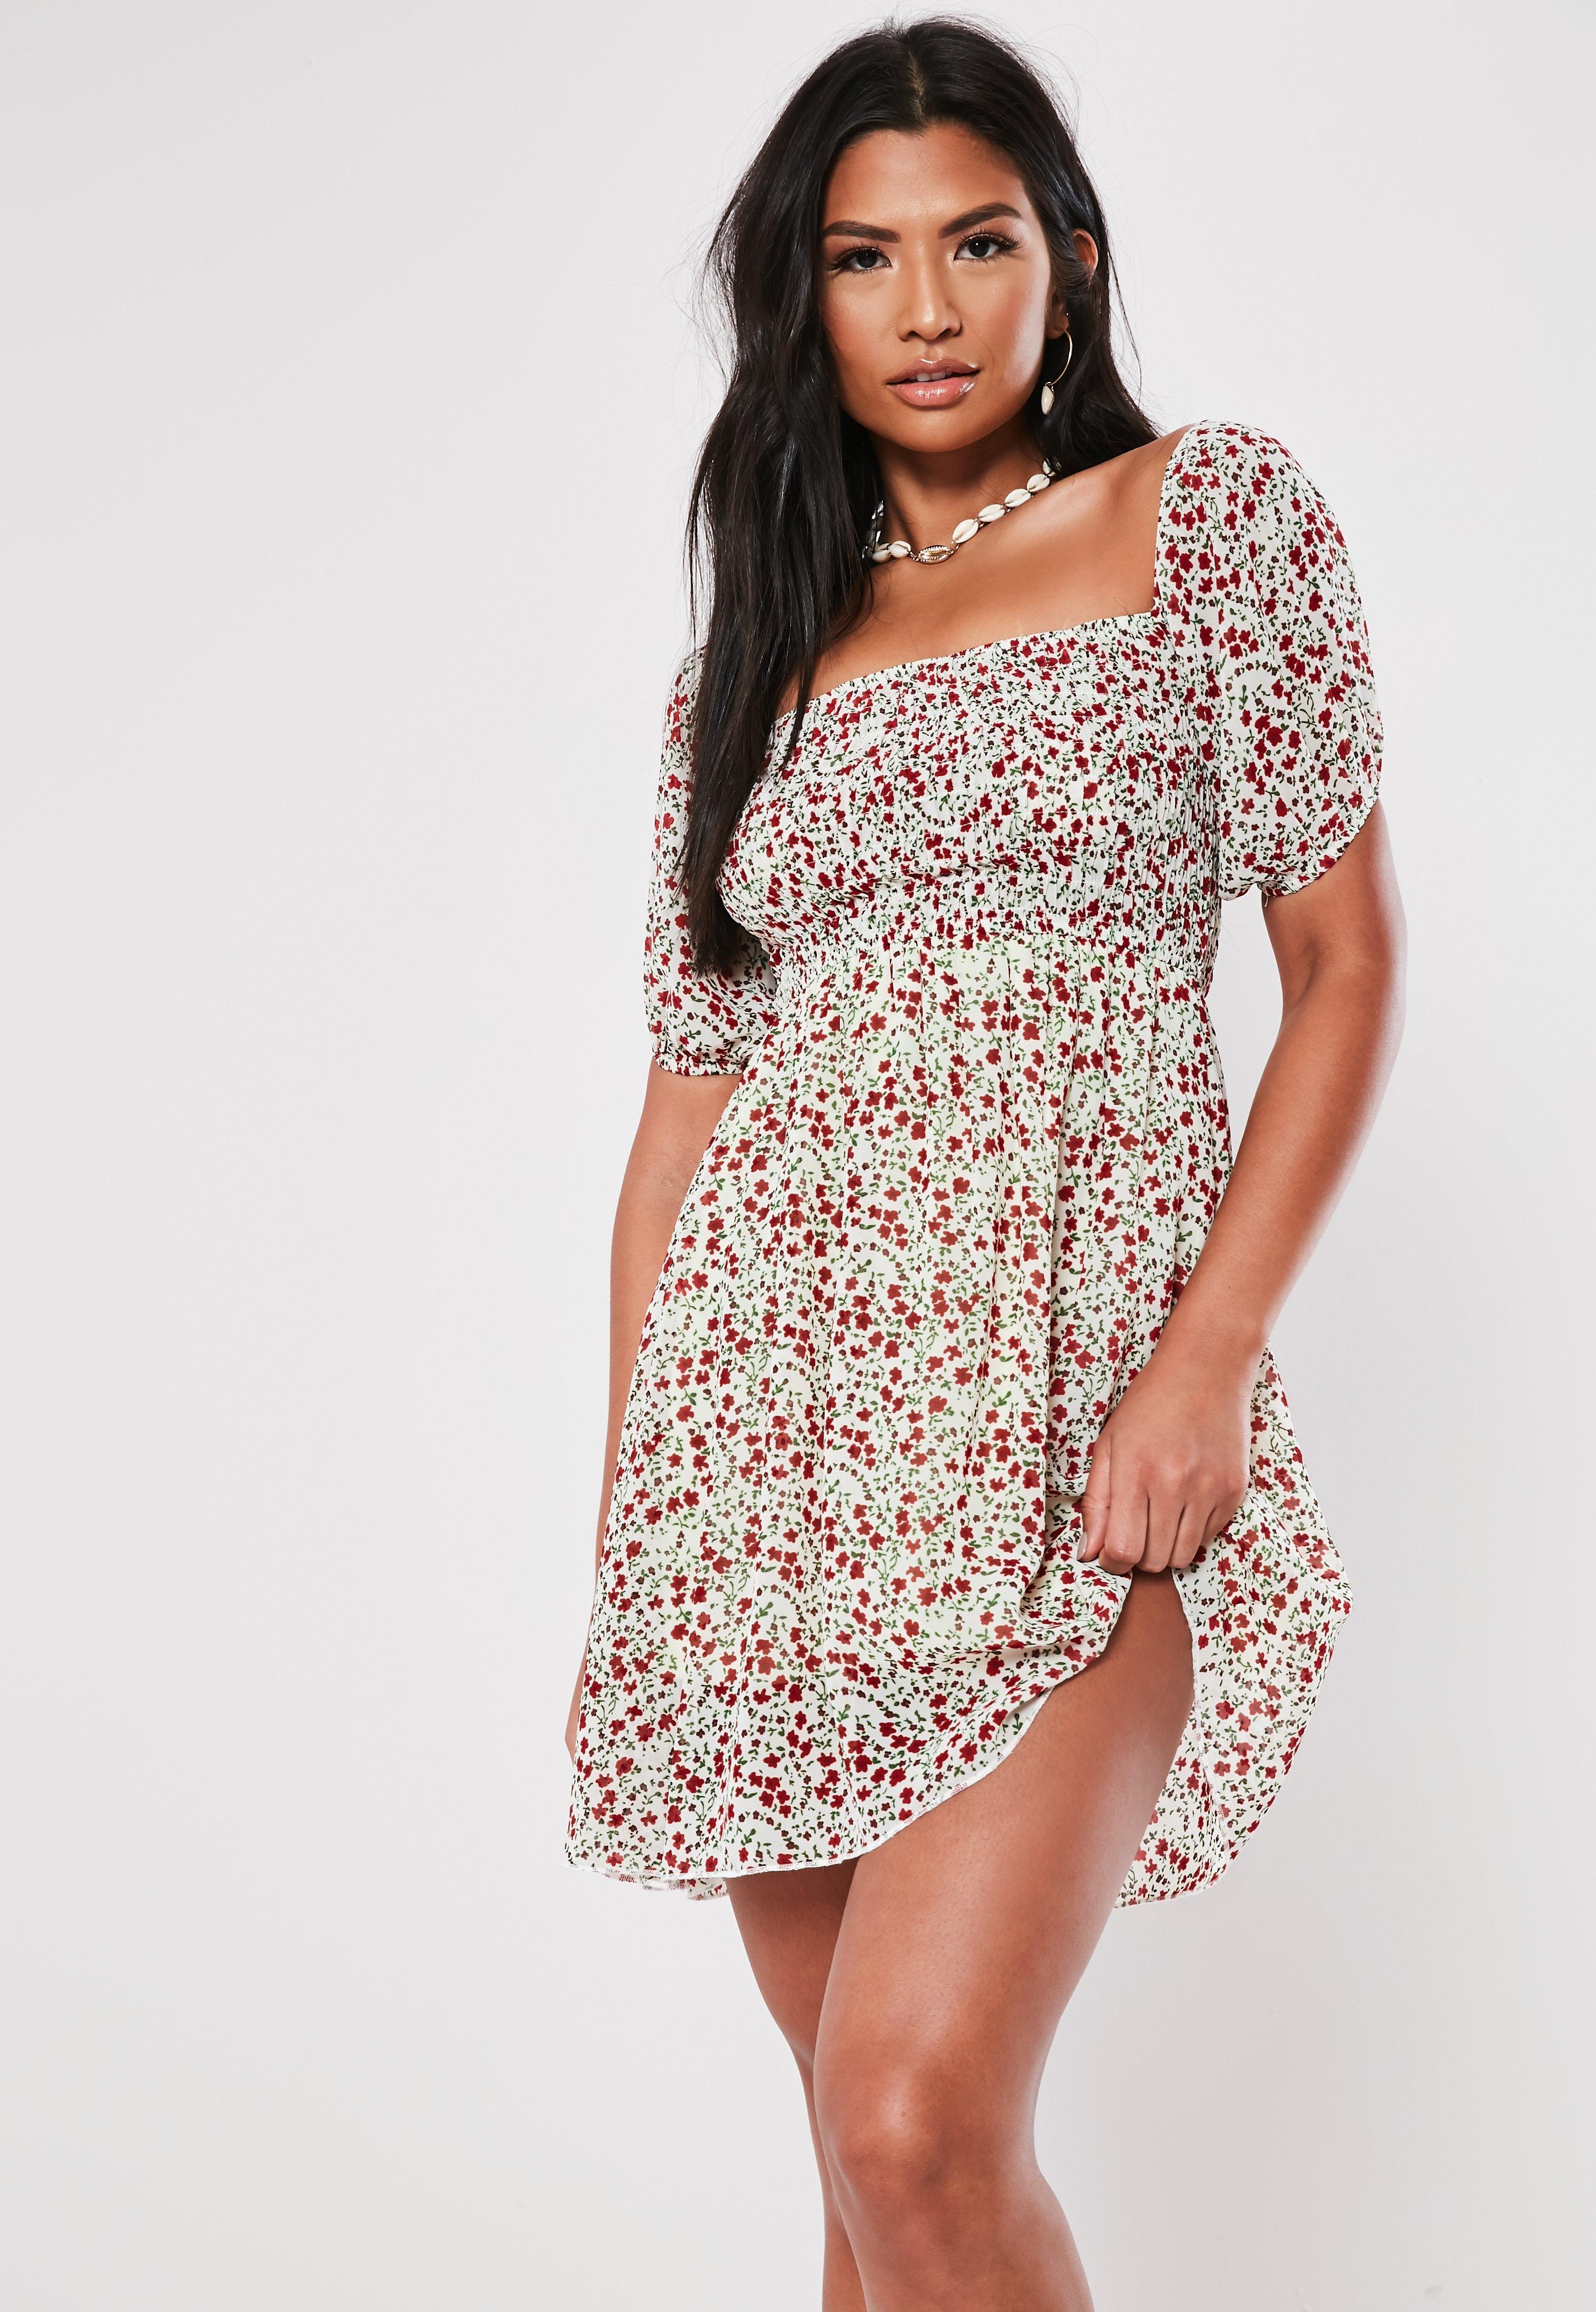 61eefdd997 Dresses UK | Women's Dresses Online | Missguided